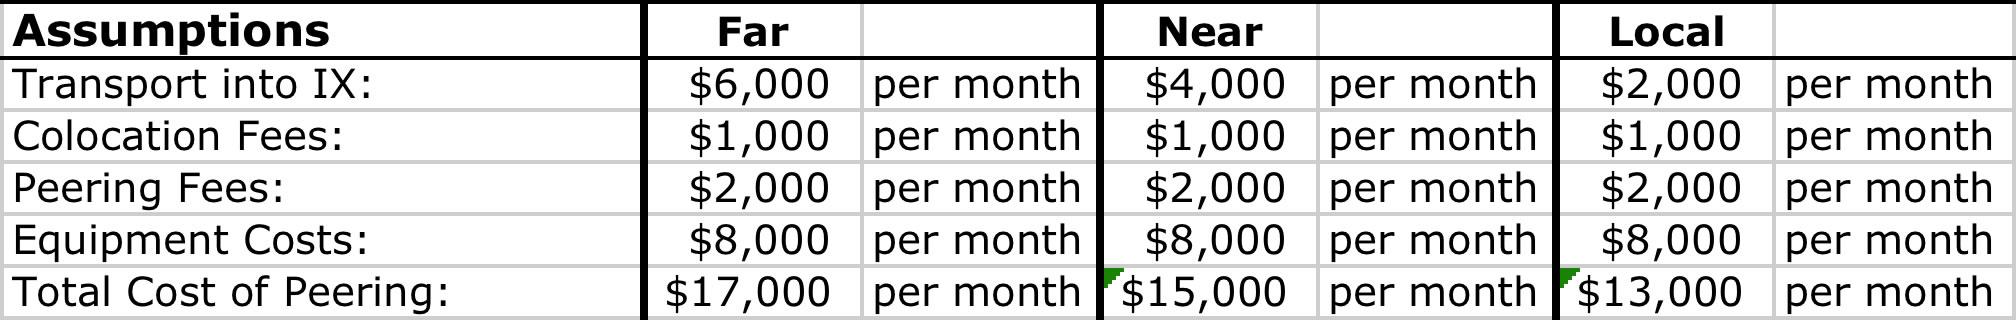 Costs of peerign in 2010